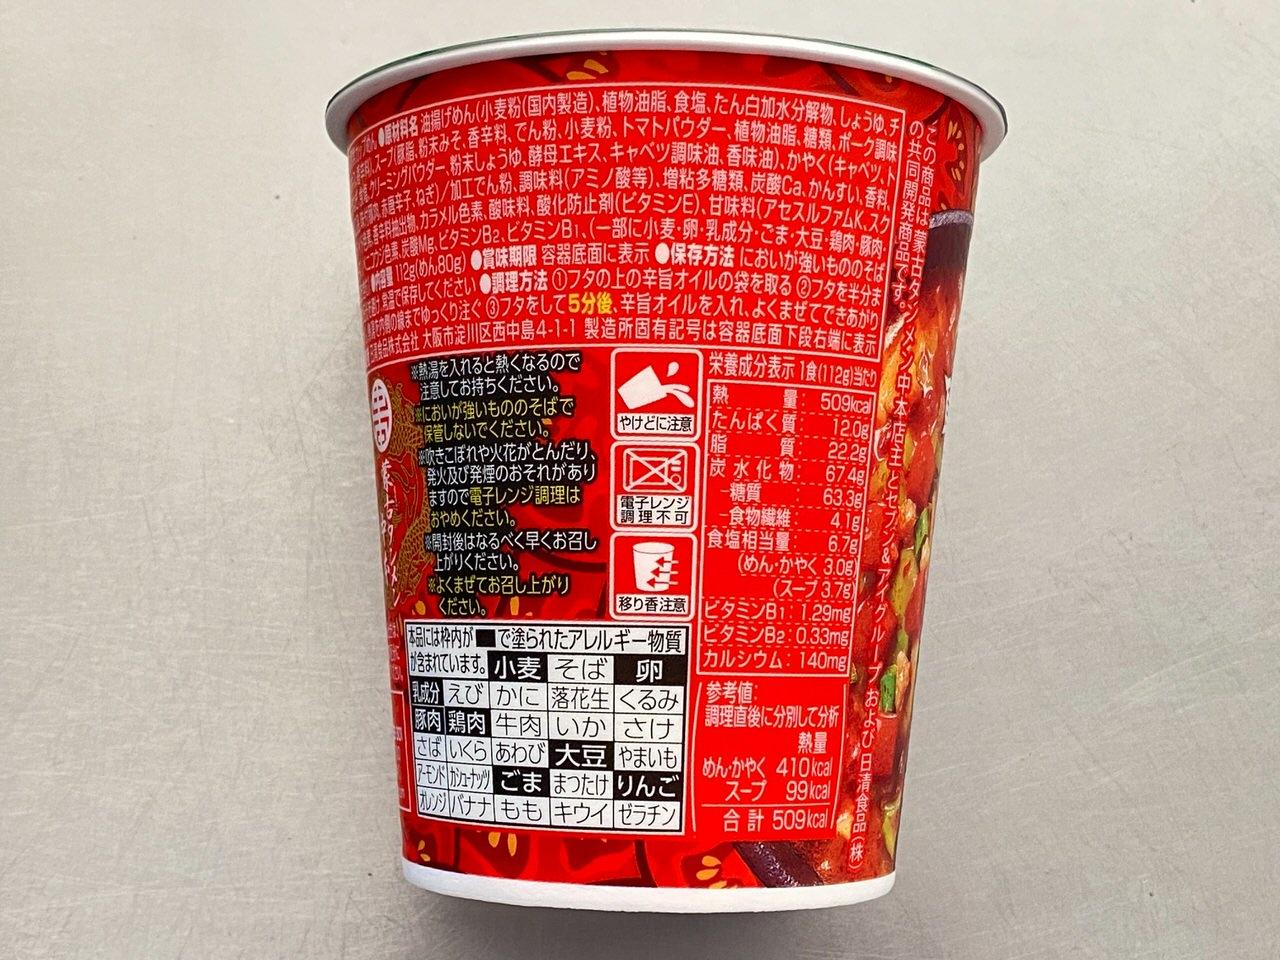 【中本】「蒙古トマタン」蒙古タンメンの辛旨味噌にトマトの酸味のスープが旨い 03